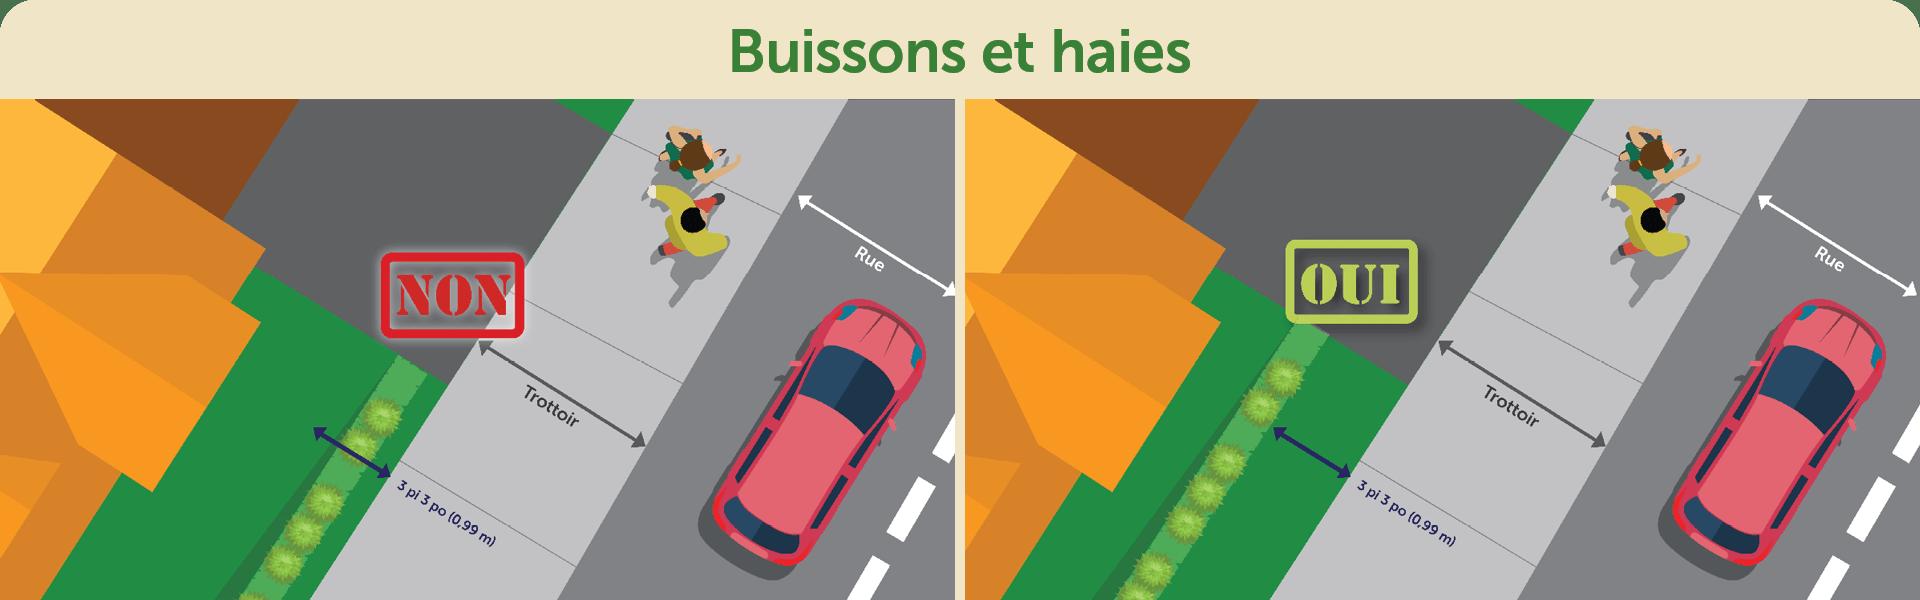 Buissons et haies